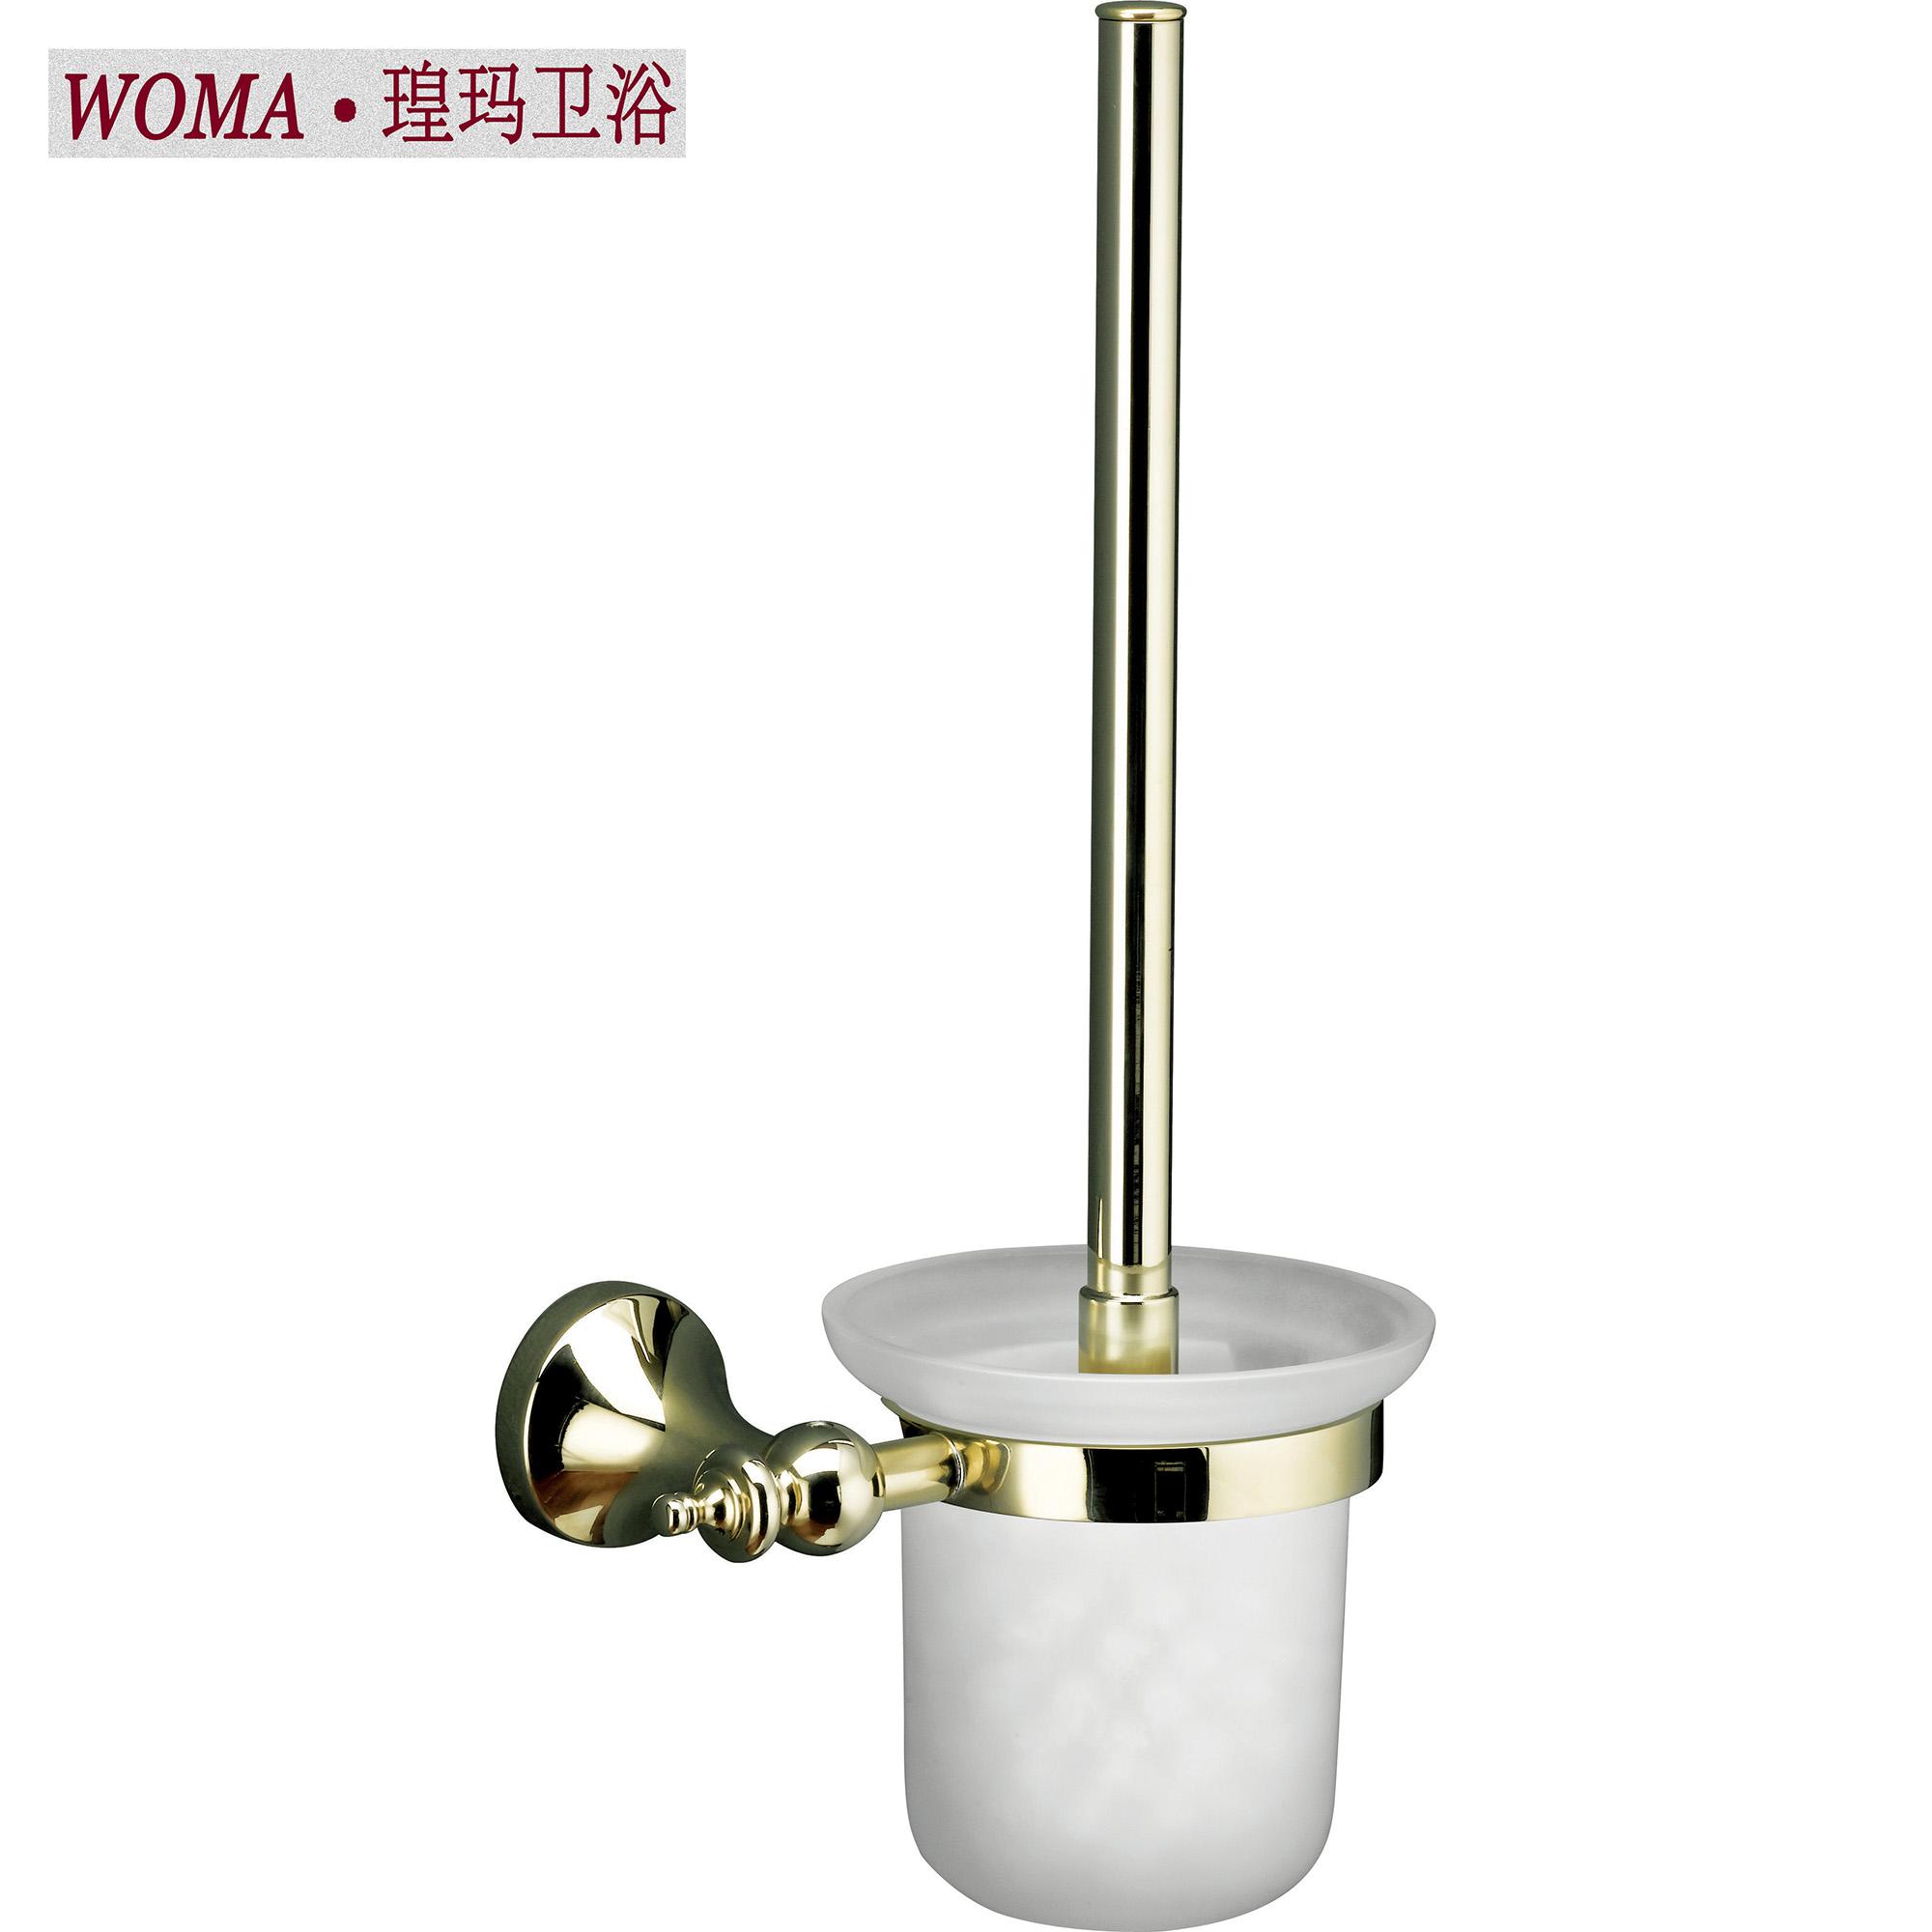 WOMA/瑝玛 纯铜金色马桶刷 厕所卫生间马桶刷架 卫浴挂件 WG115